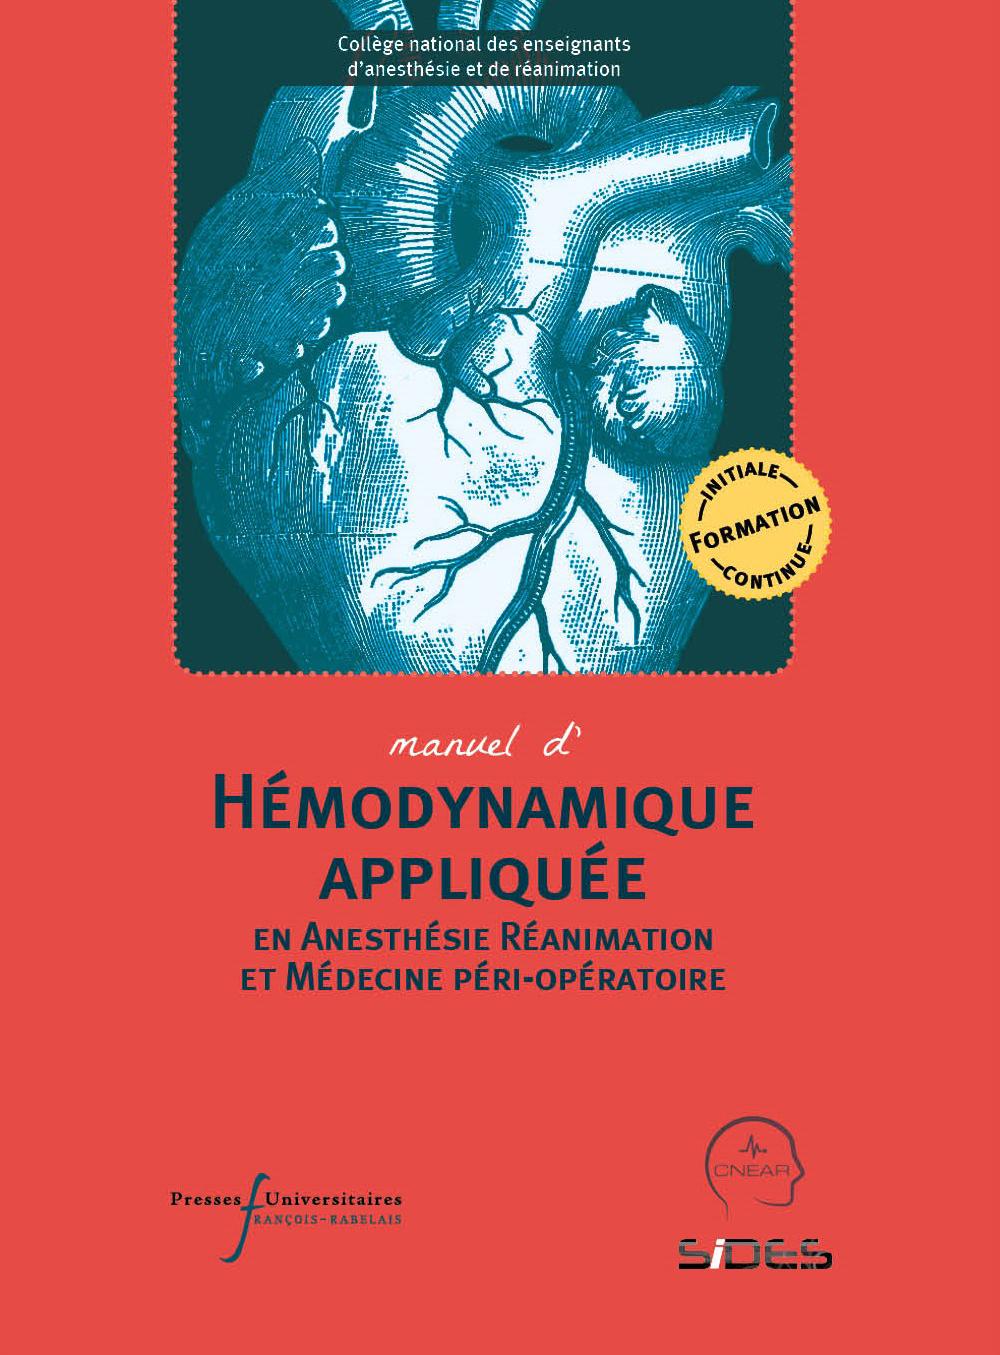 Hémodynamique appliquée en Anesthésie  Réanimation et Médecine péri-opératoire